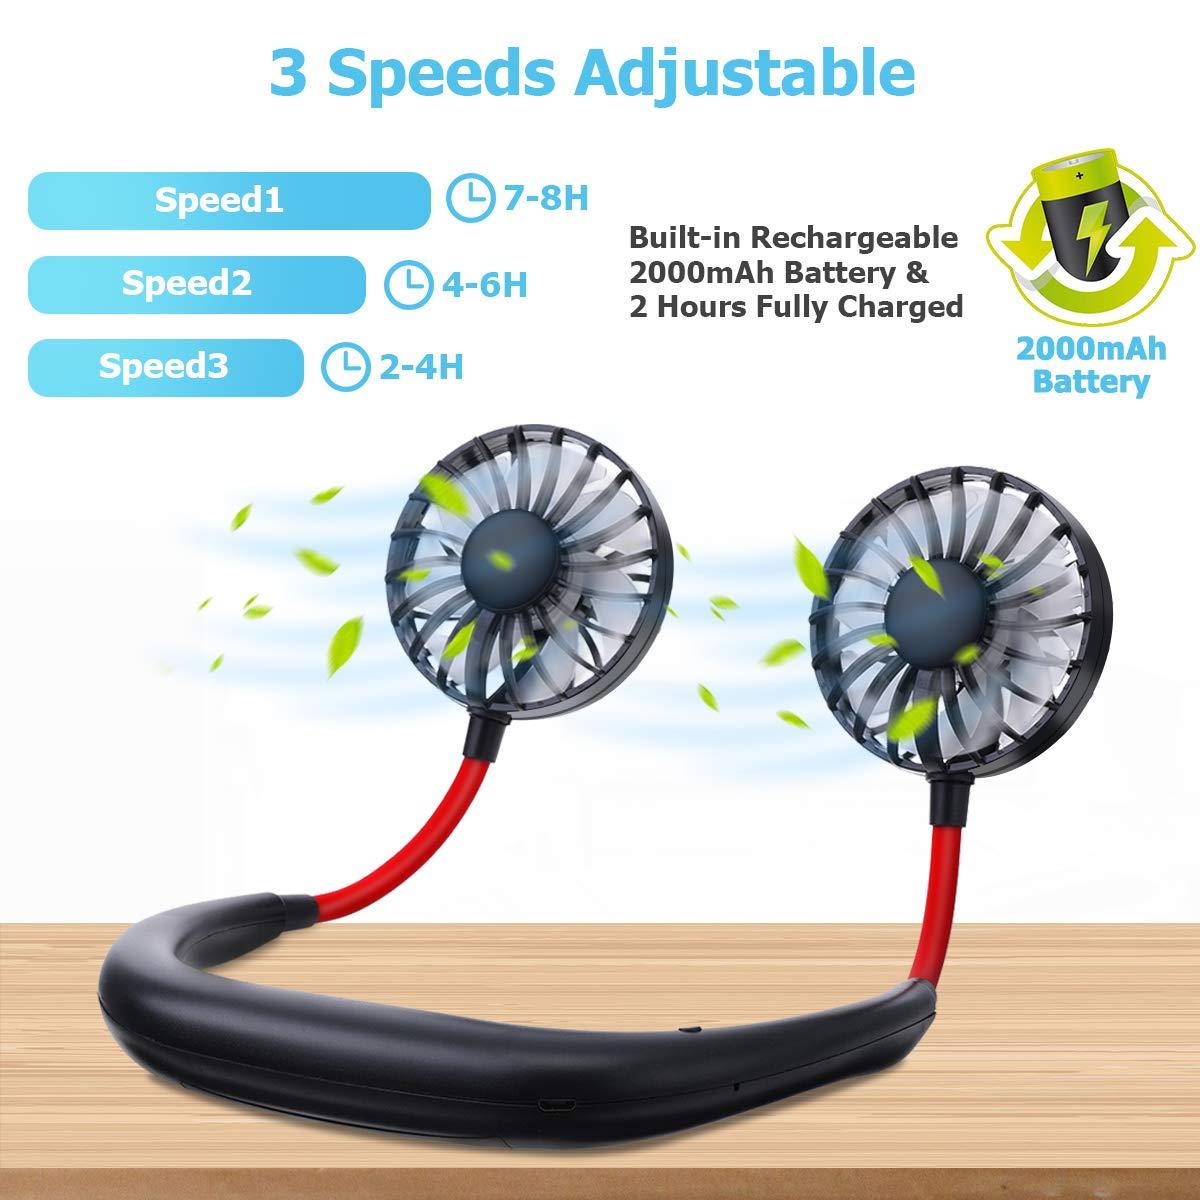 Tvird Ventilador Personal Port/átil,Ventilador de Collar Mini Ventilador de Manos Libres Ventilador de Banda para el Cuello Ventilador USB Recargable Ventilador con Doble Cabeza Giratorio de 360/°